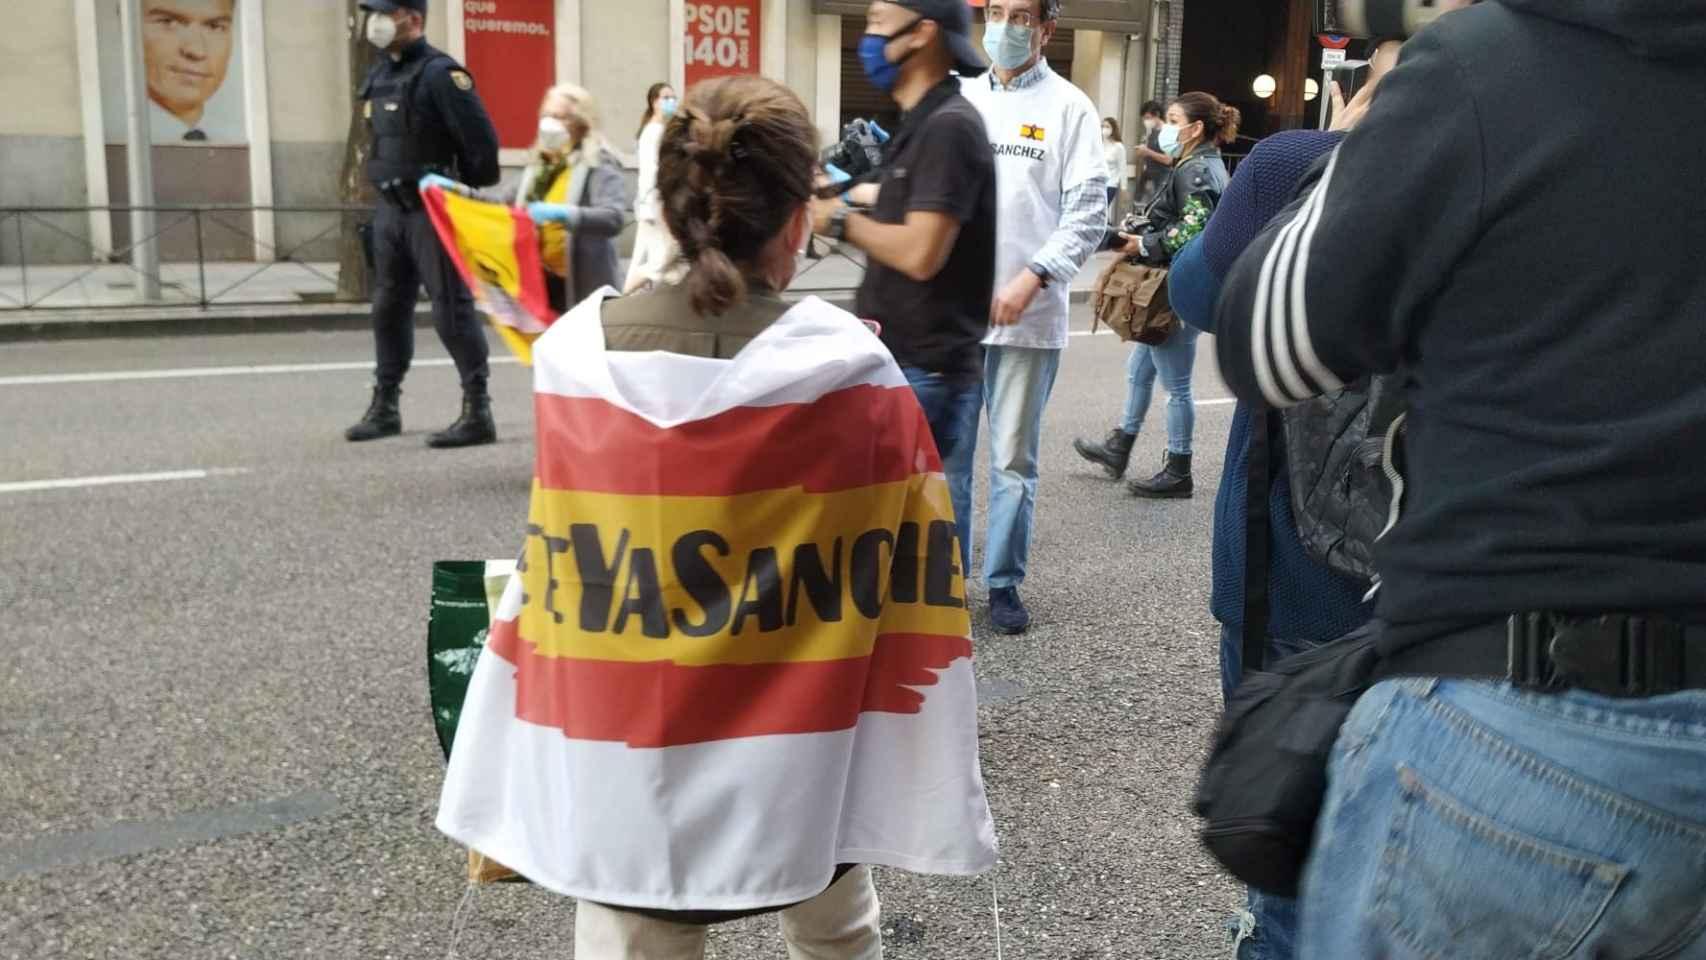 El barrio de Salamanca, Ferraz y una Castellana como en la Champions: Madrid contra Sánchez